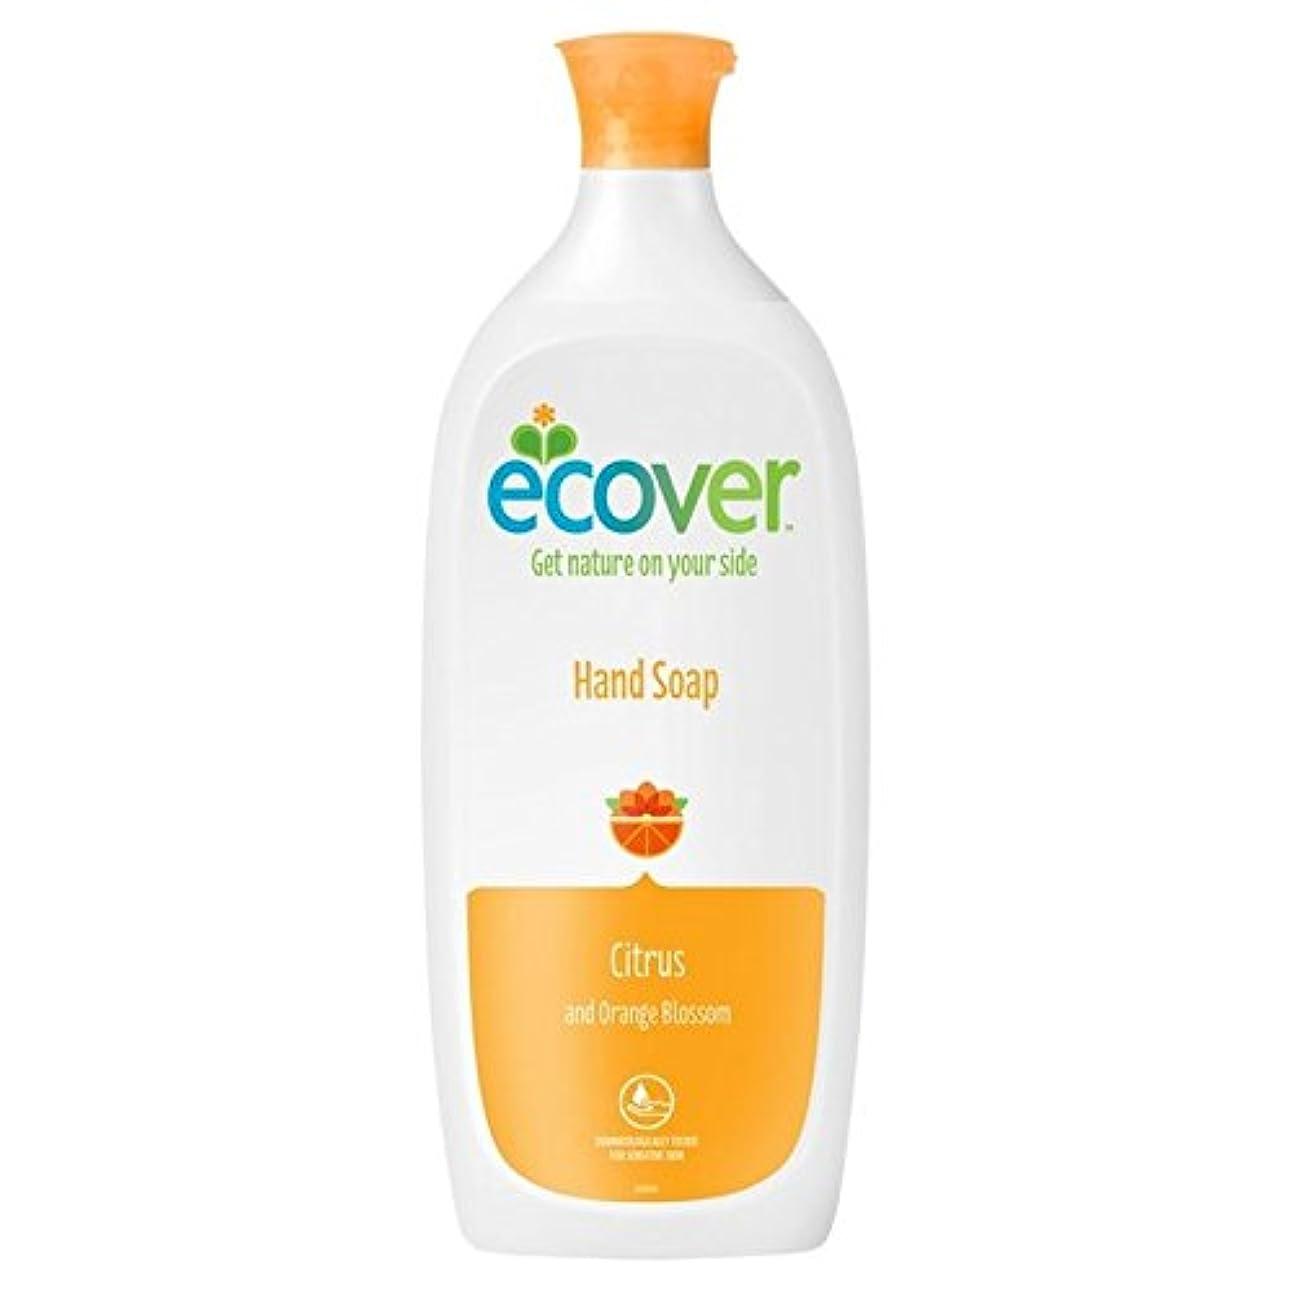 または剃る幸運なことにエコベール液体石鹸シトラス&オレンジの花のリフィル1リットル x4 - Ecover Liquid Soap Citrus & Orange Blossom Refill 1L (Pack of 4) [並行輸入品]